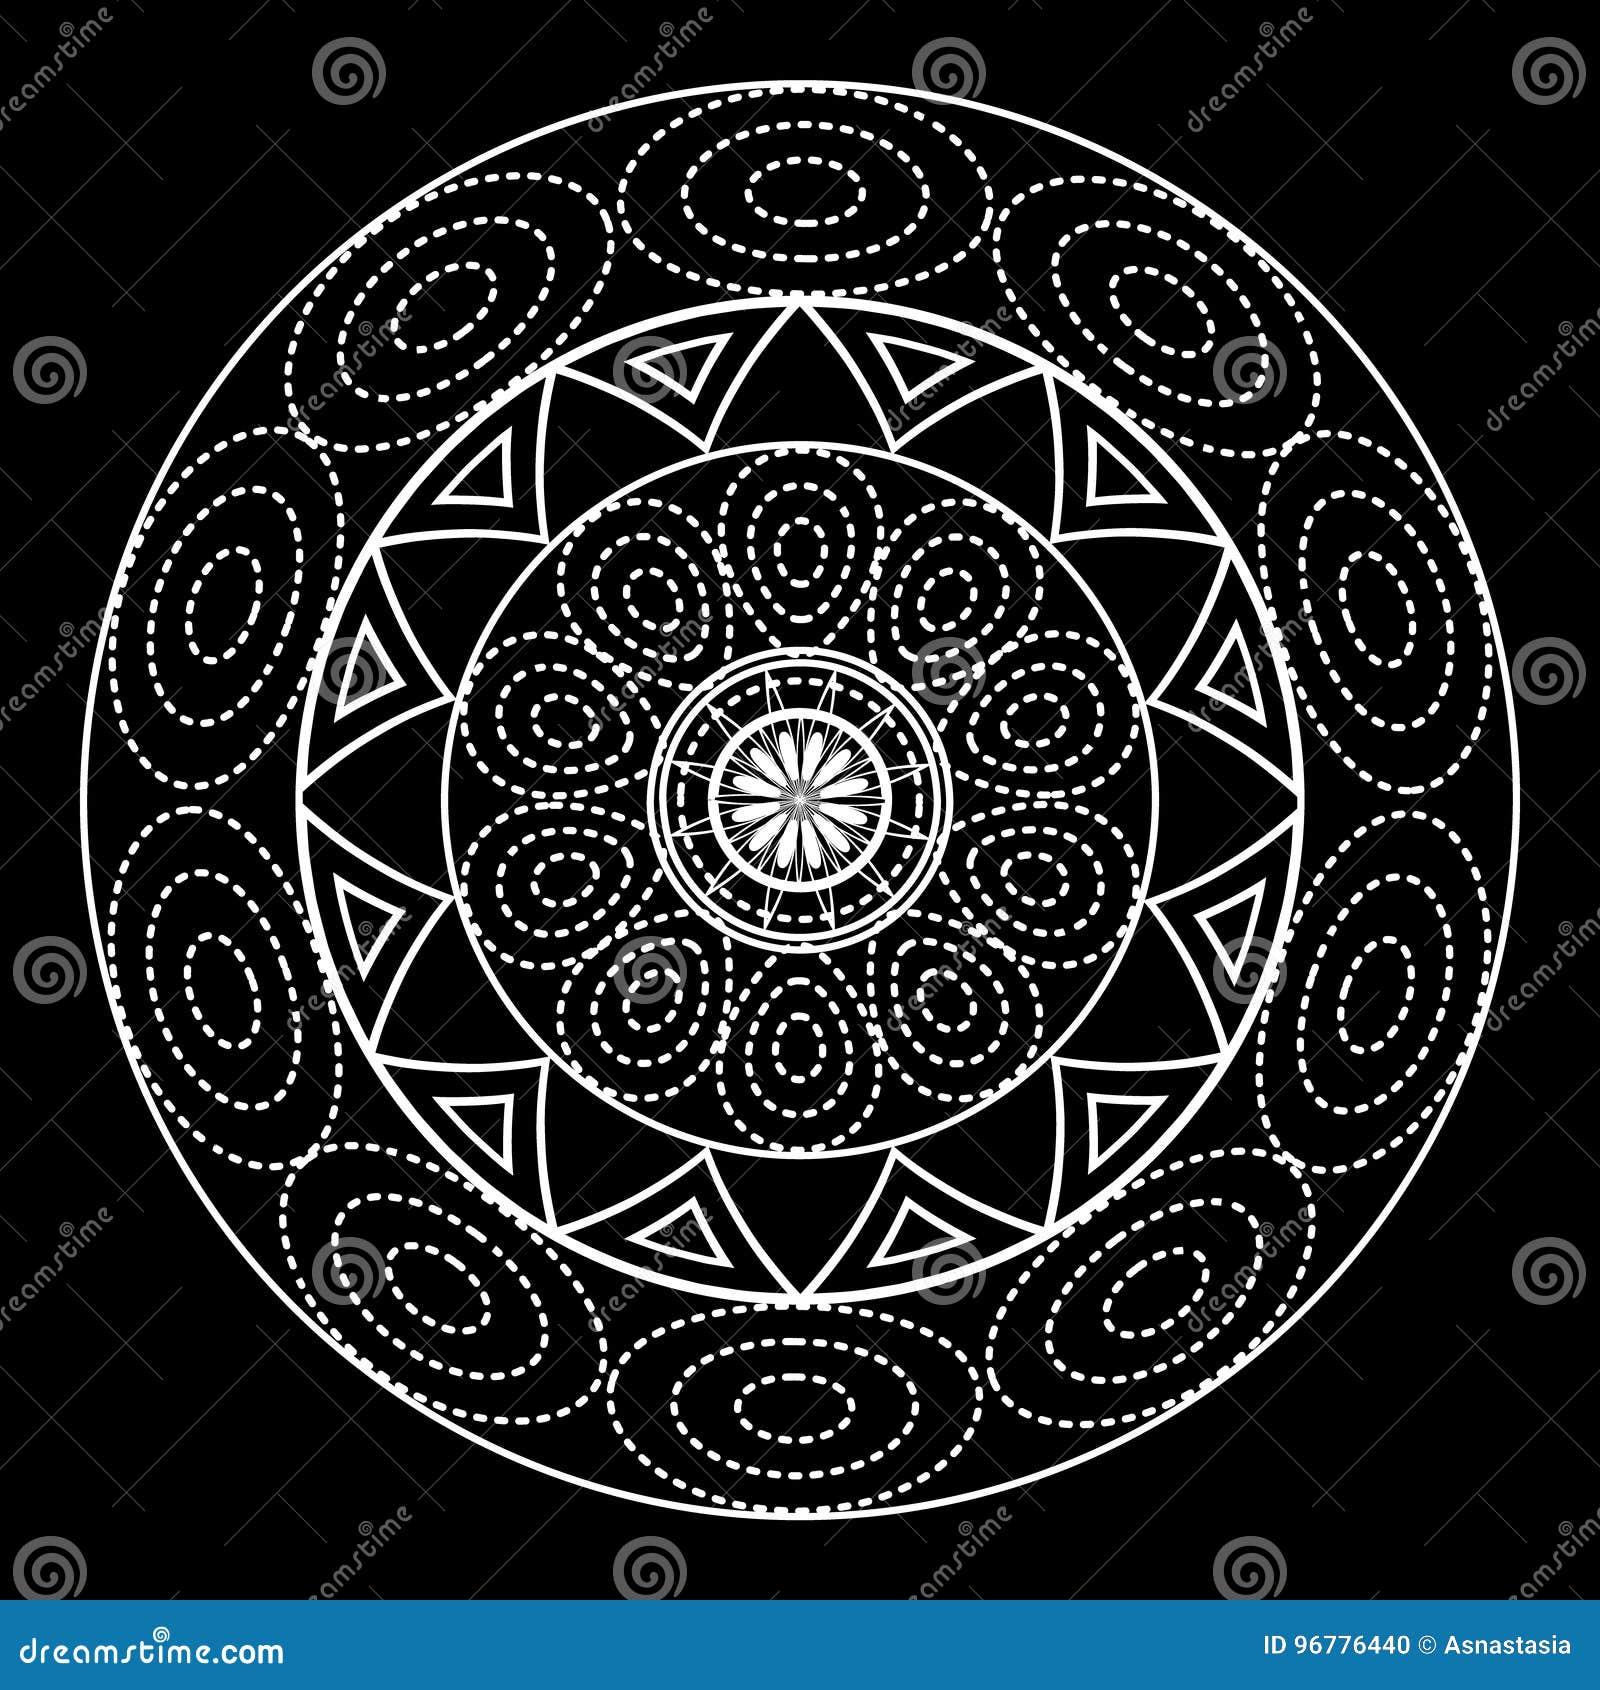 Mandalas Para El Libro De Colorear Ornamento Redondo Blanco Y Negro ...